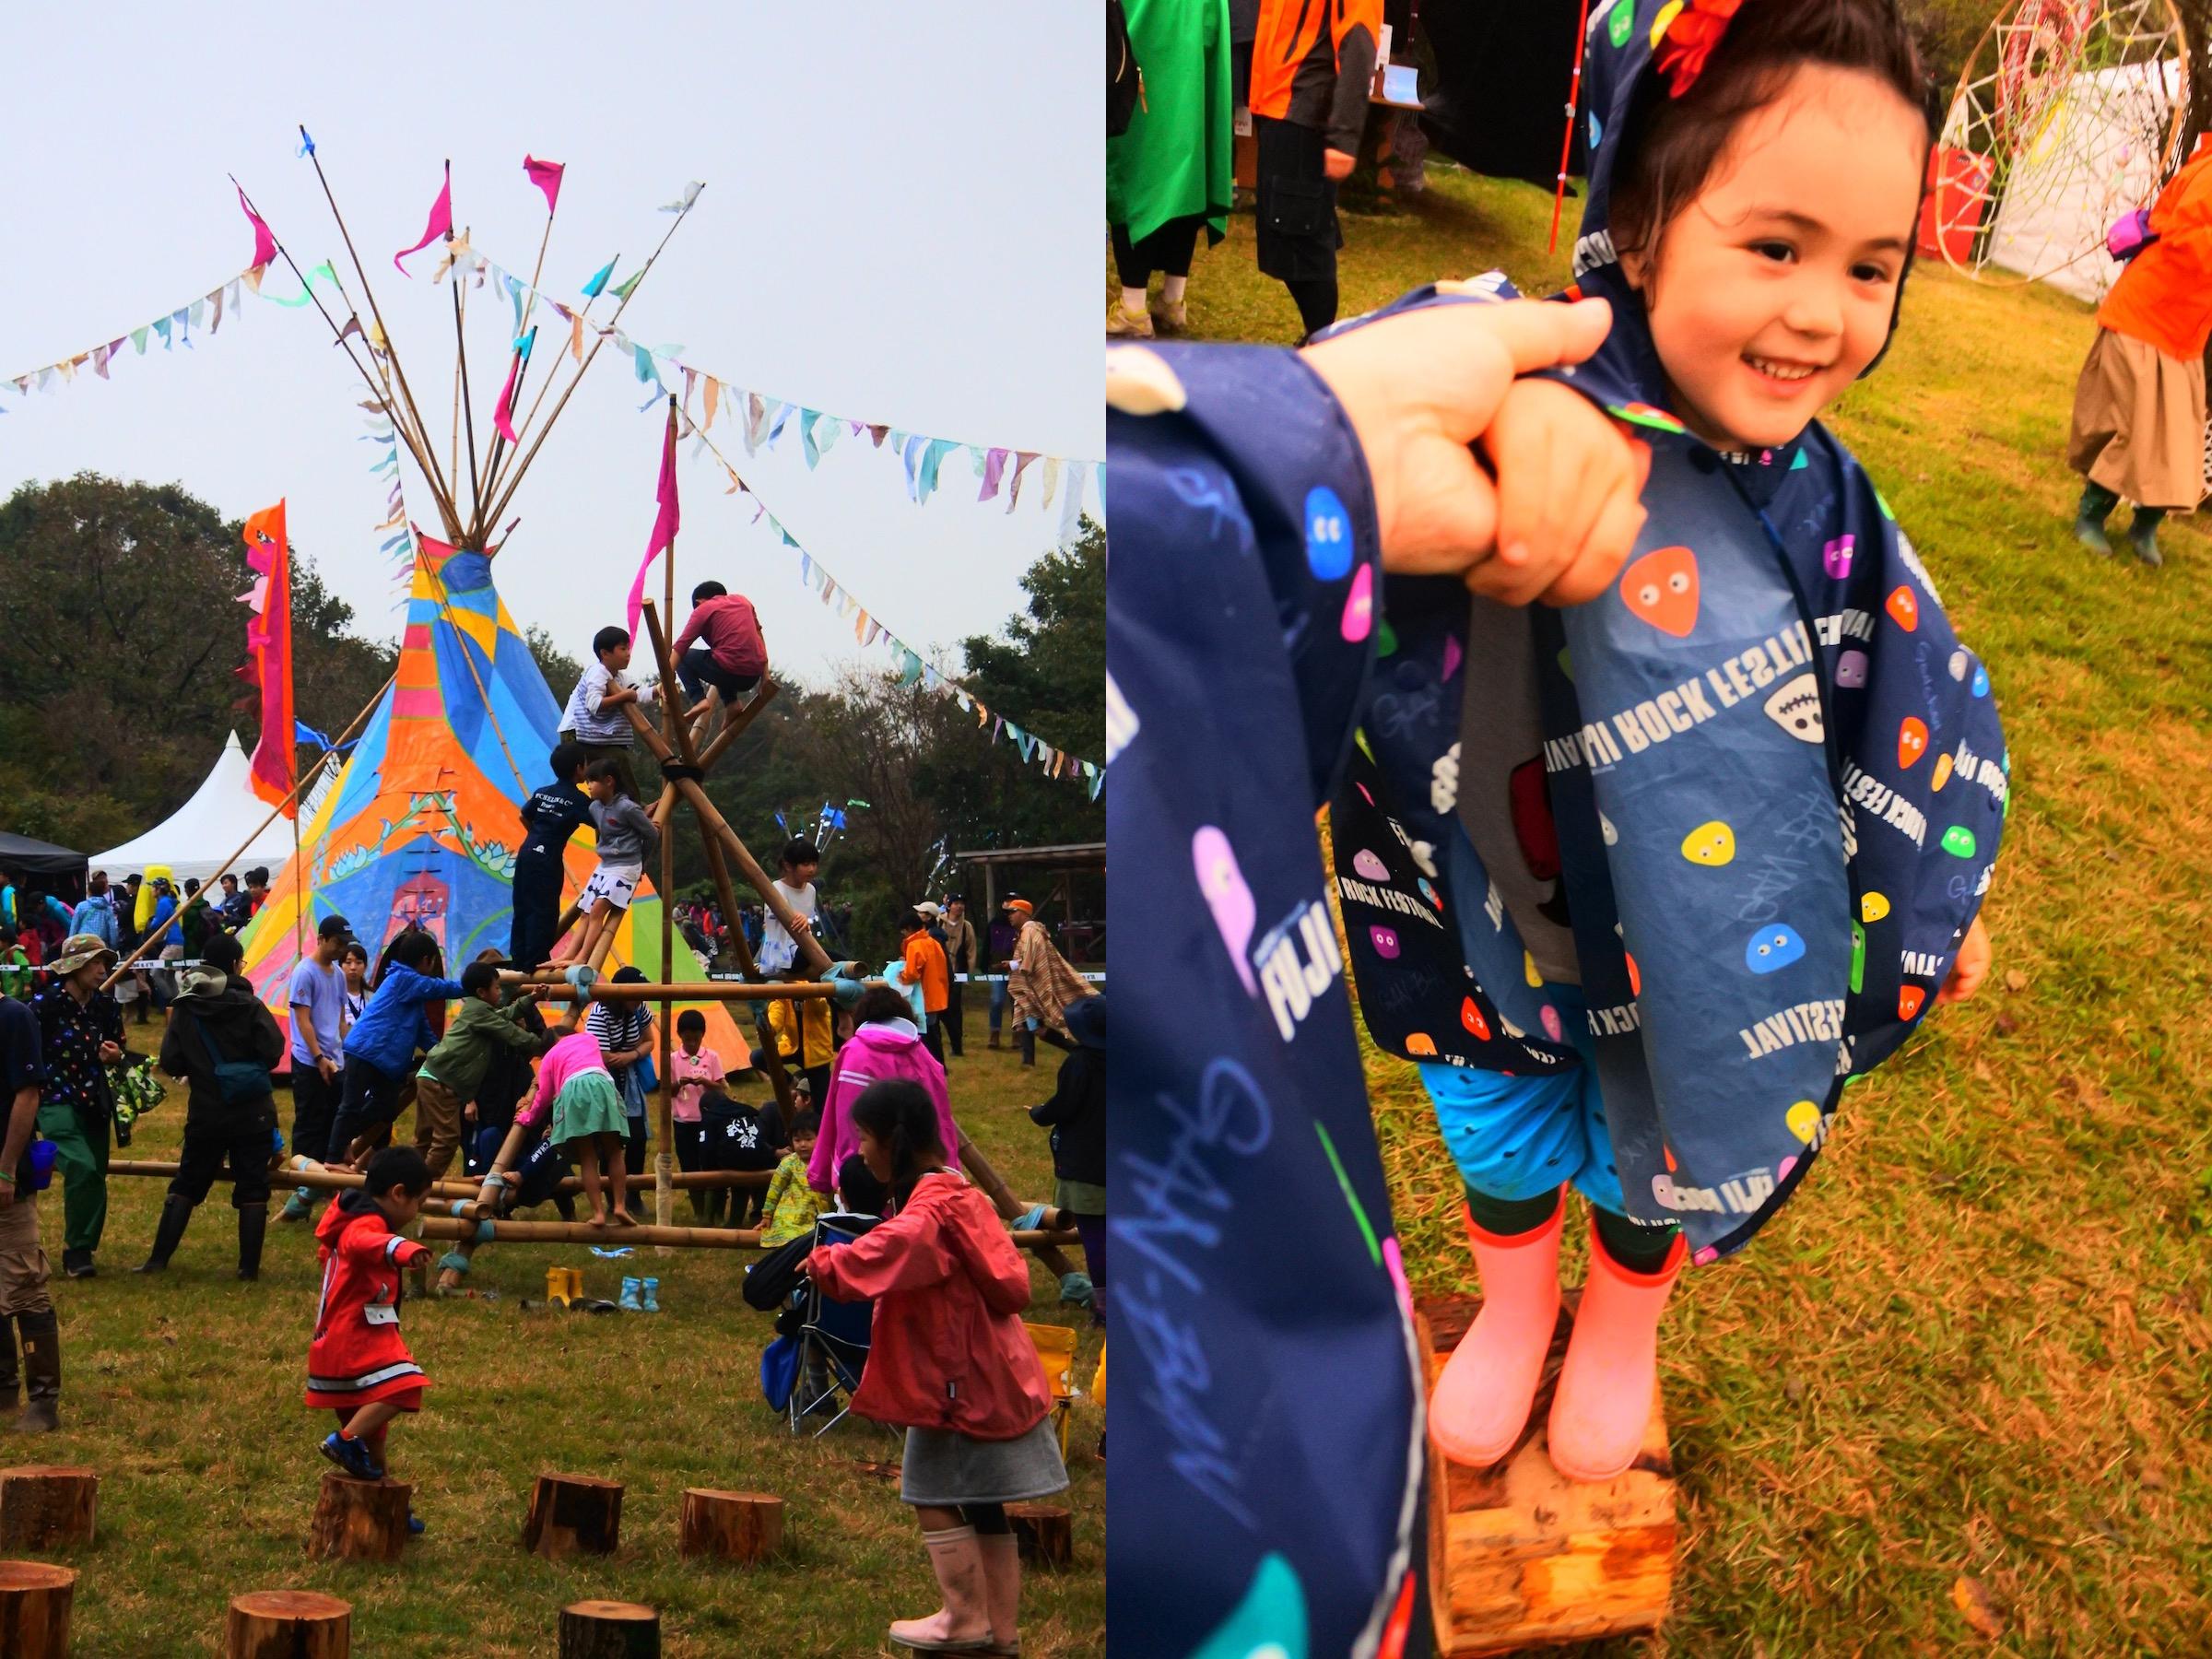 31 【こどもフジロック】朝霧Jam'18子連れフェス体験記〜3歳児とのキャンプ・イン・フェスの過ごし方〜